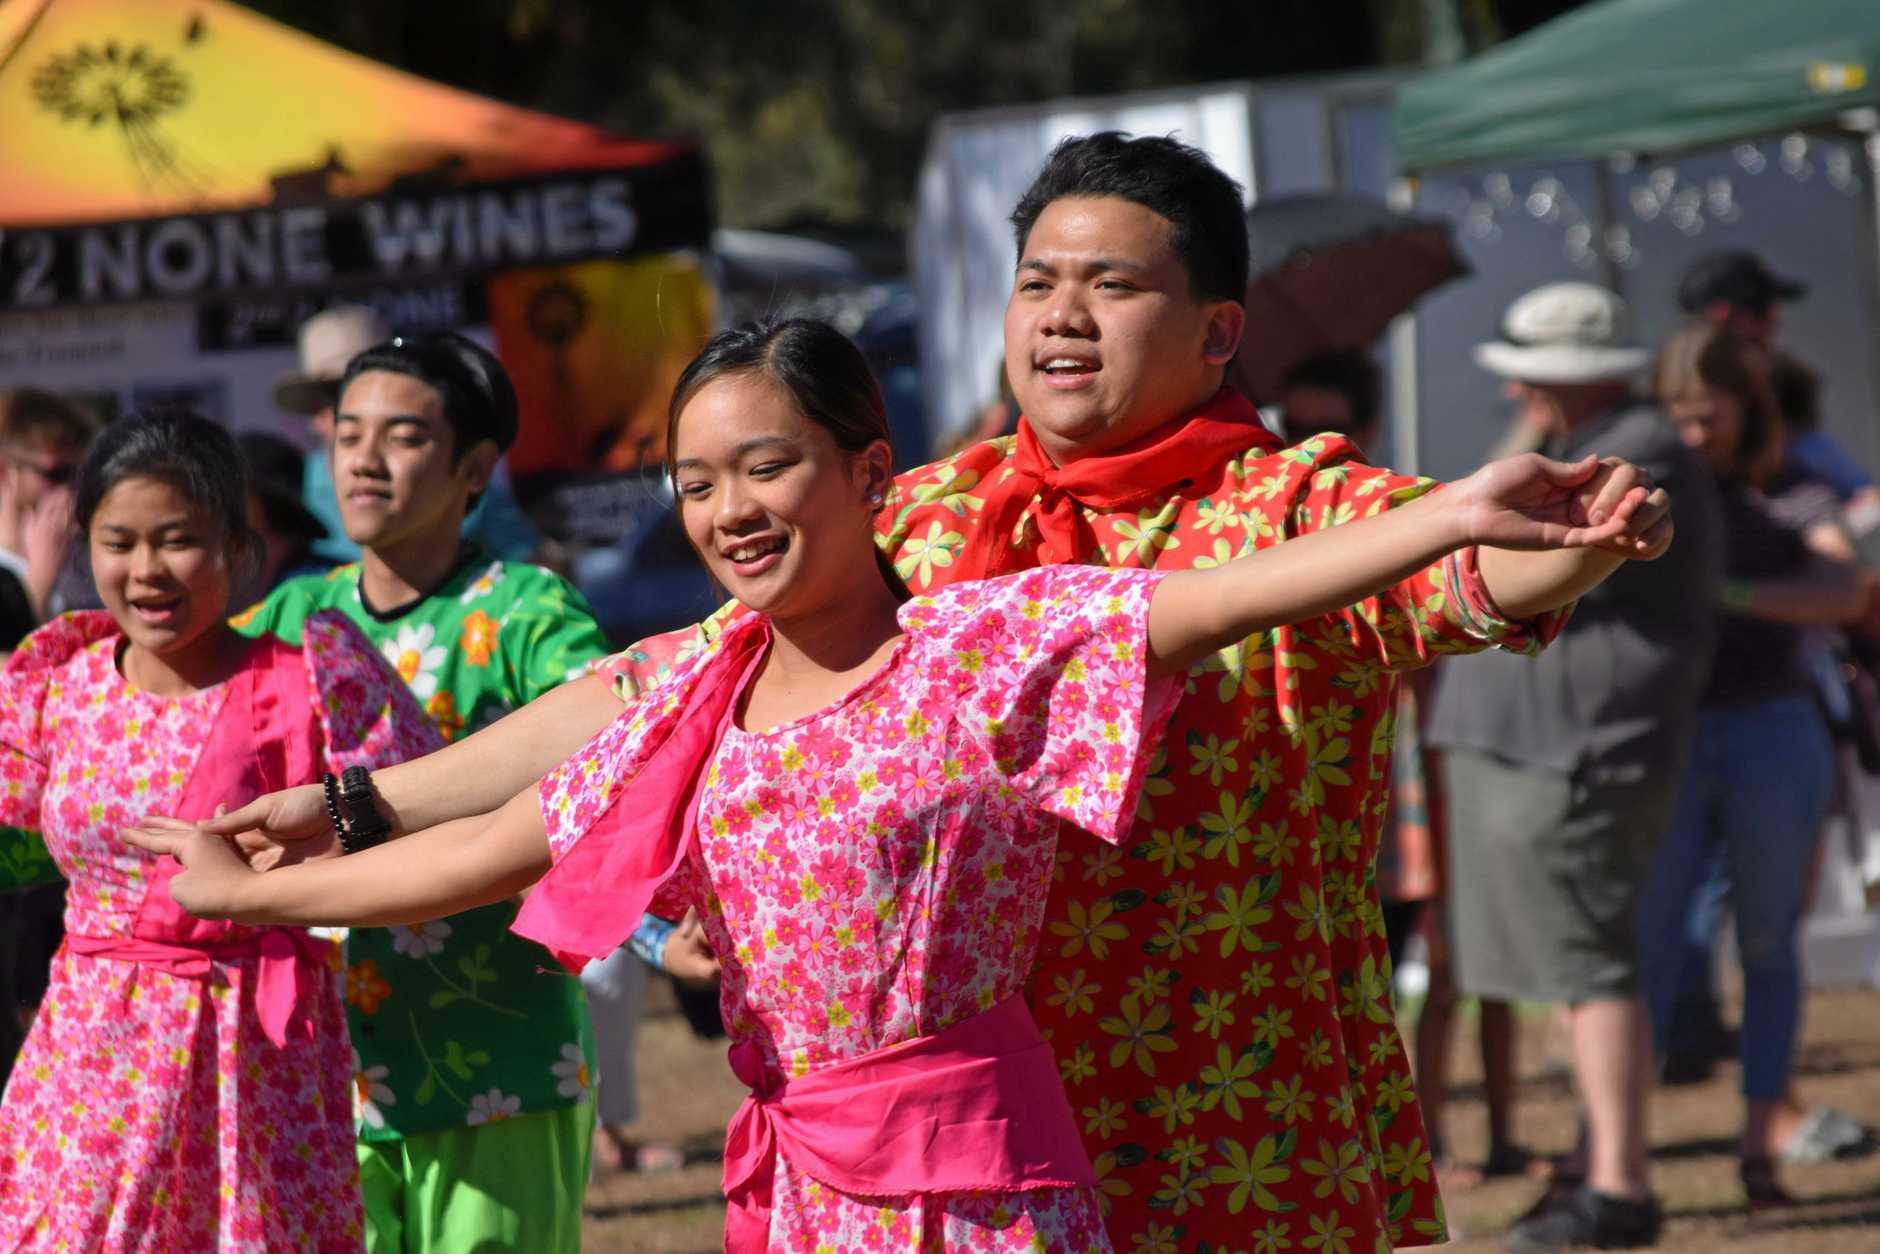 FESTIVE: Filipino dancers at Dalby's Delicious and Delightful Festival 2018.